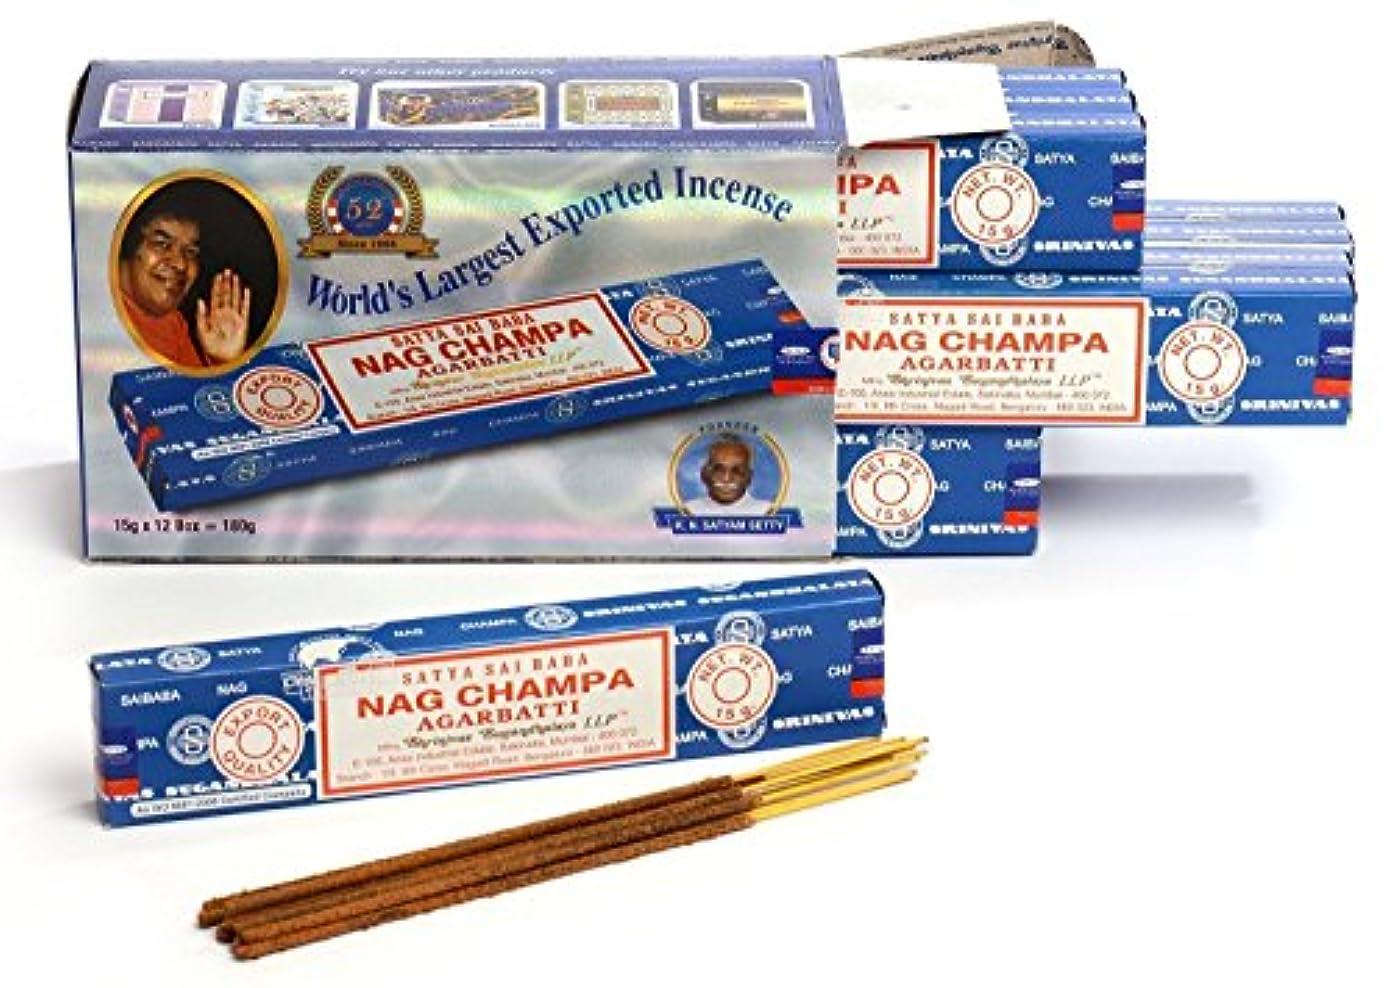 浴知覚するパイロットSatya Sai Baba Sai Baba Nag Champa Agarbathi 15 gm X 12pkts